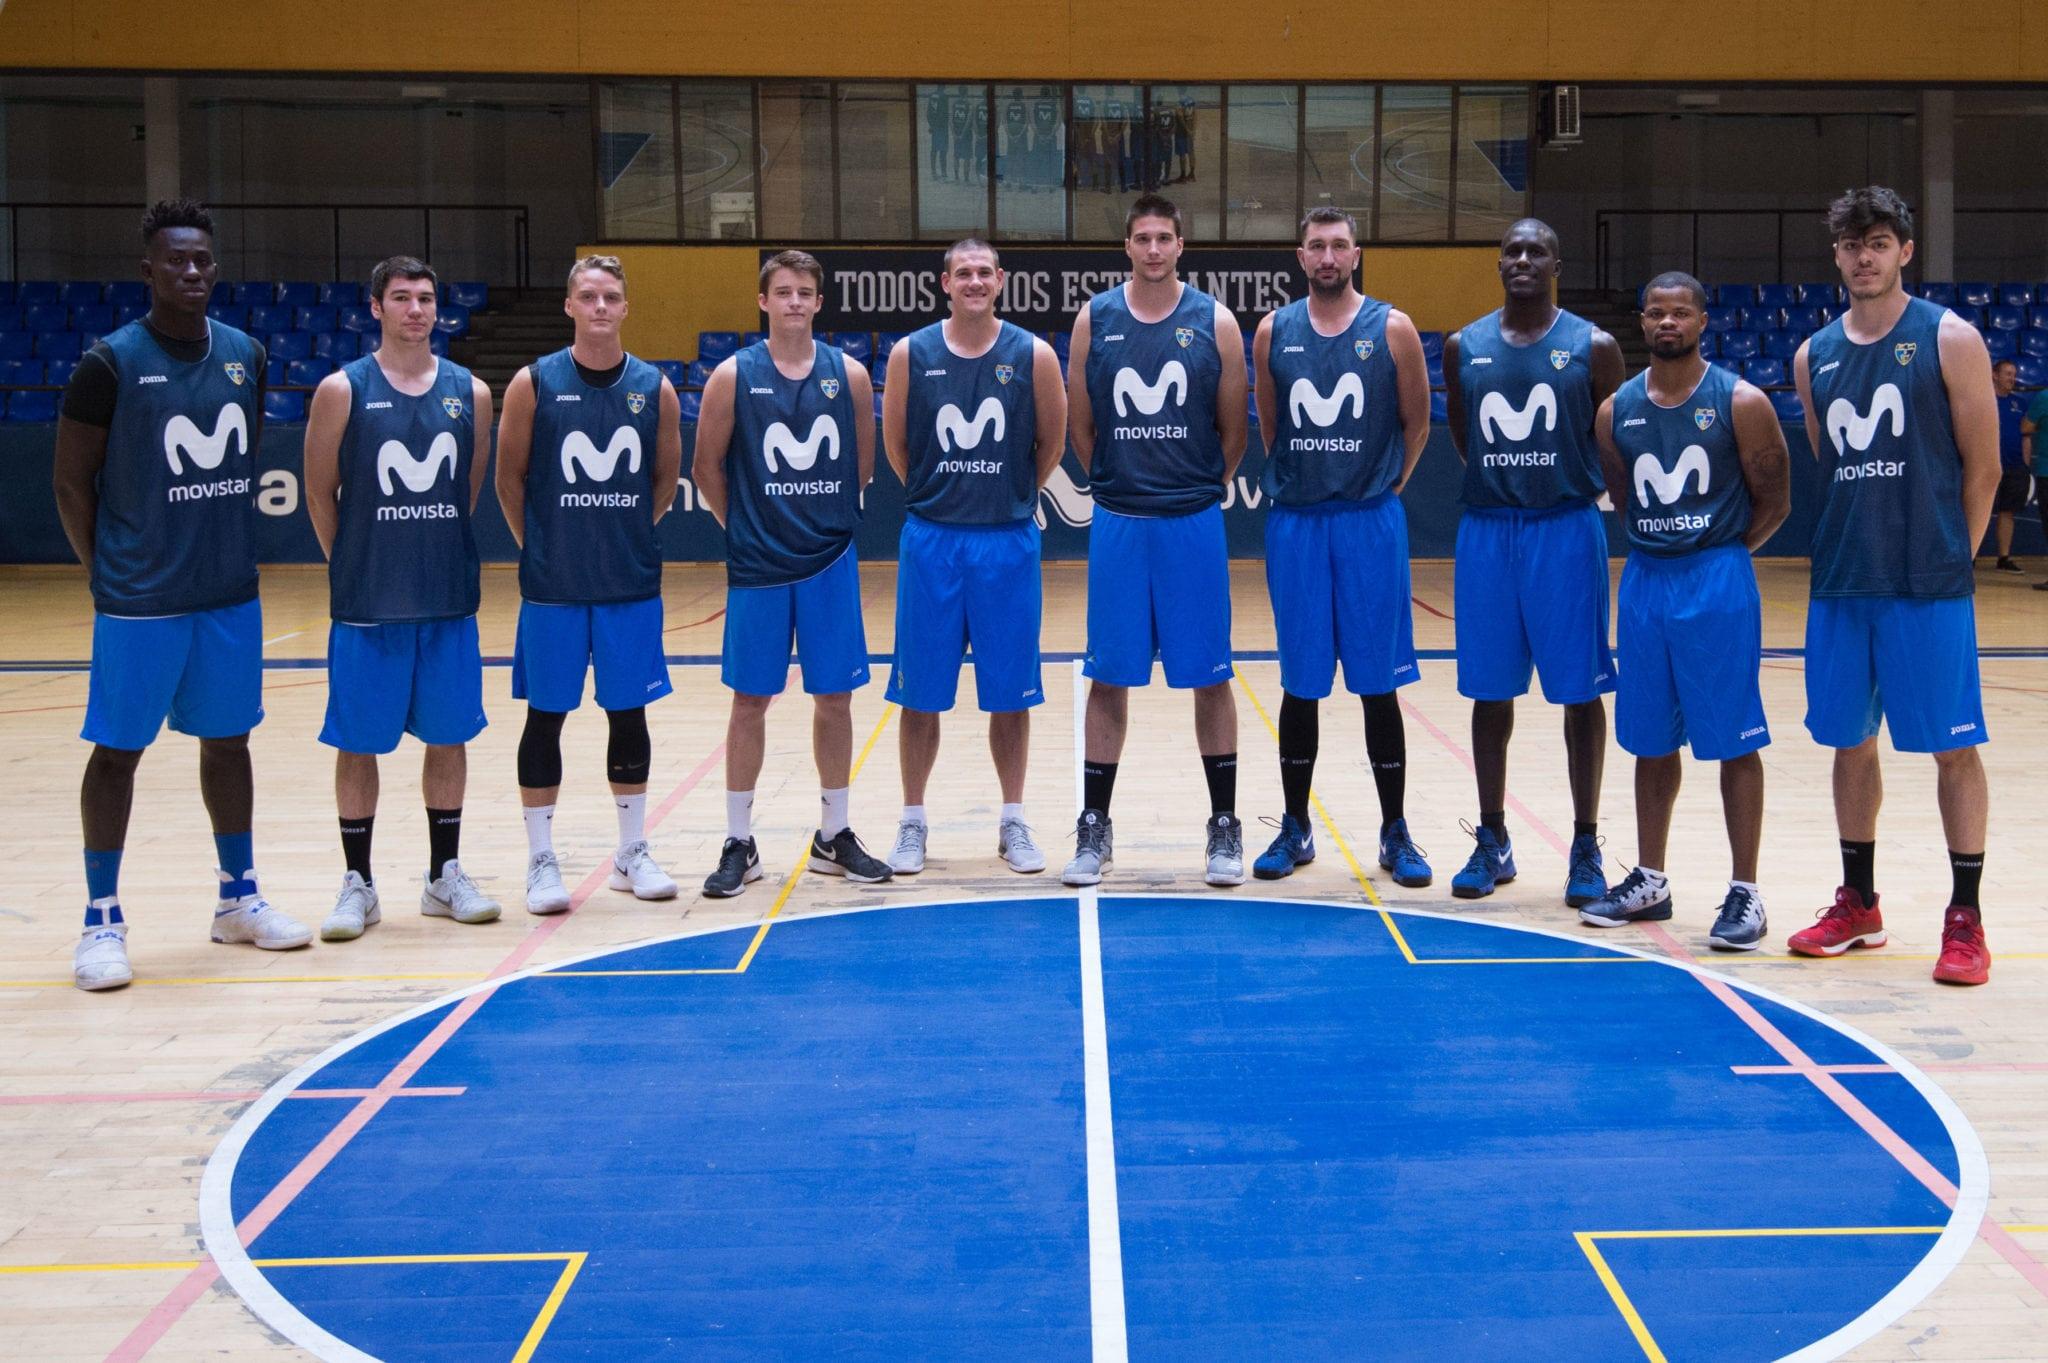 Arrancó Oficialmente la Pretemporada 2017-18 en Movistar Estudiantes